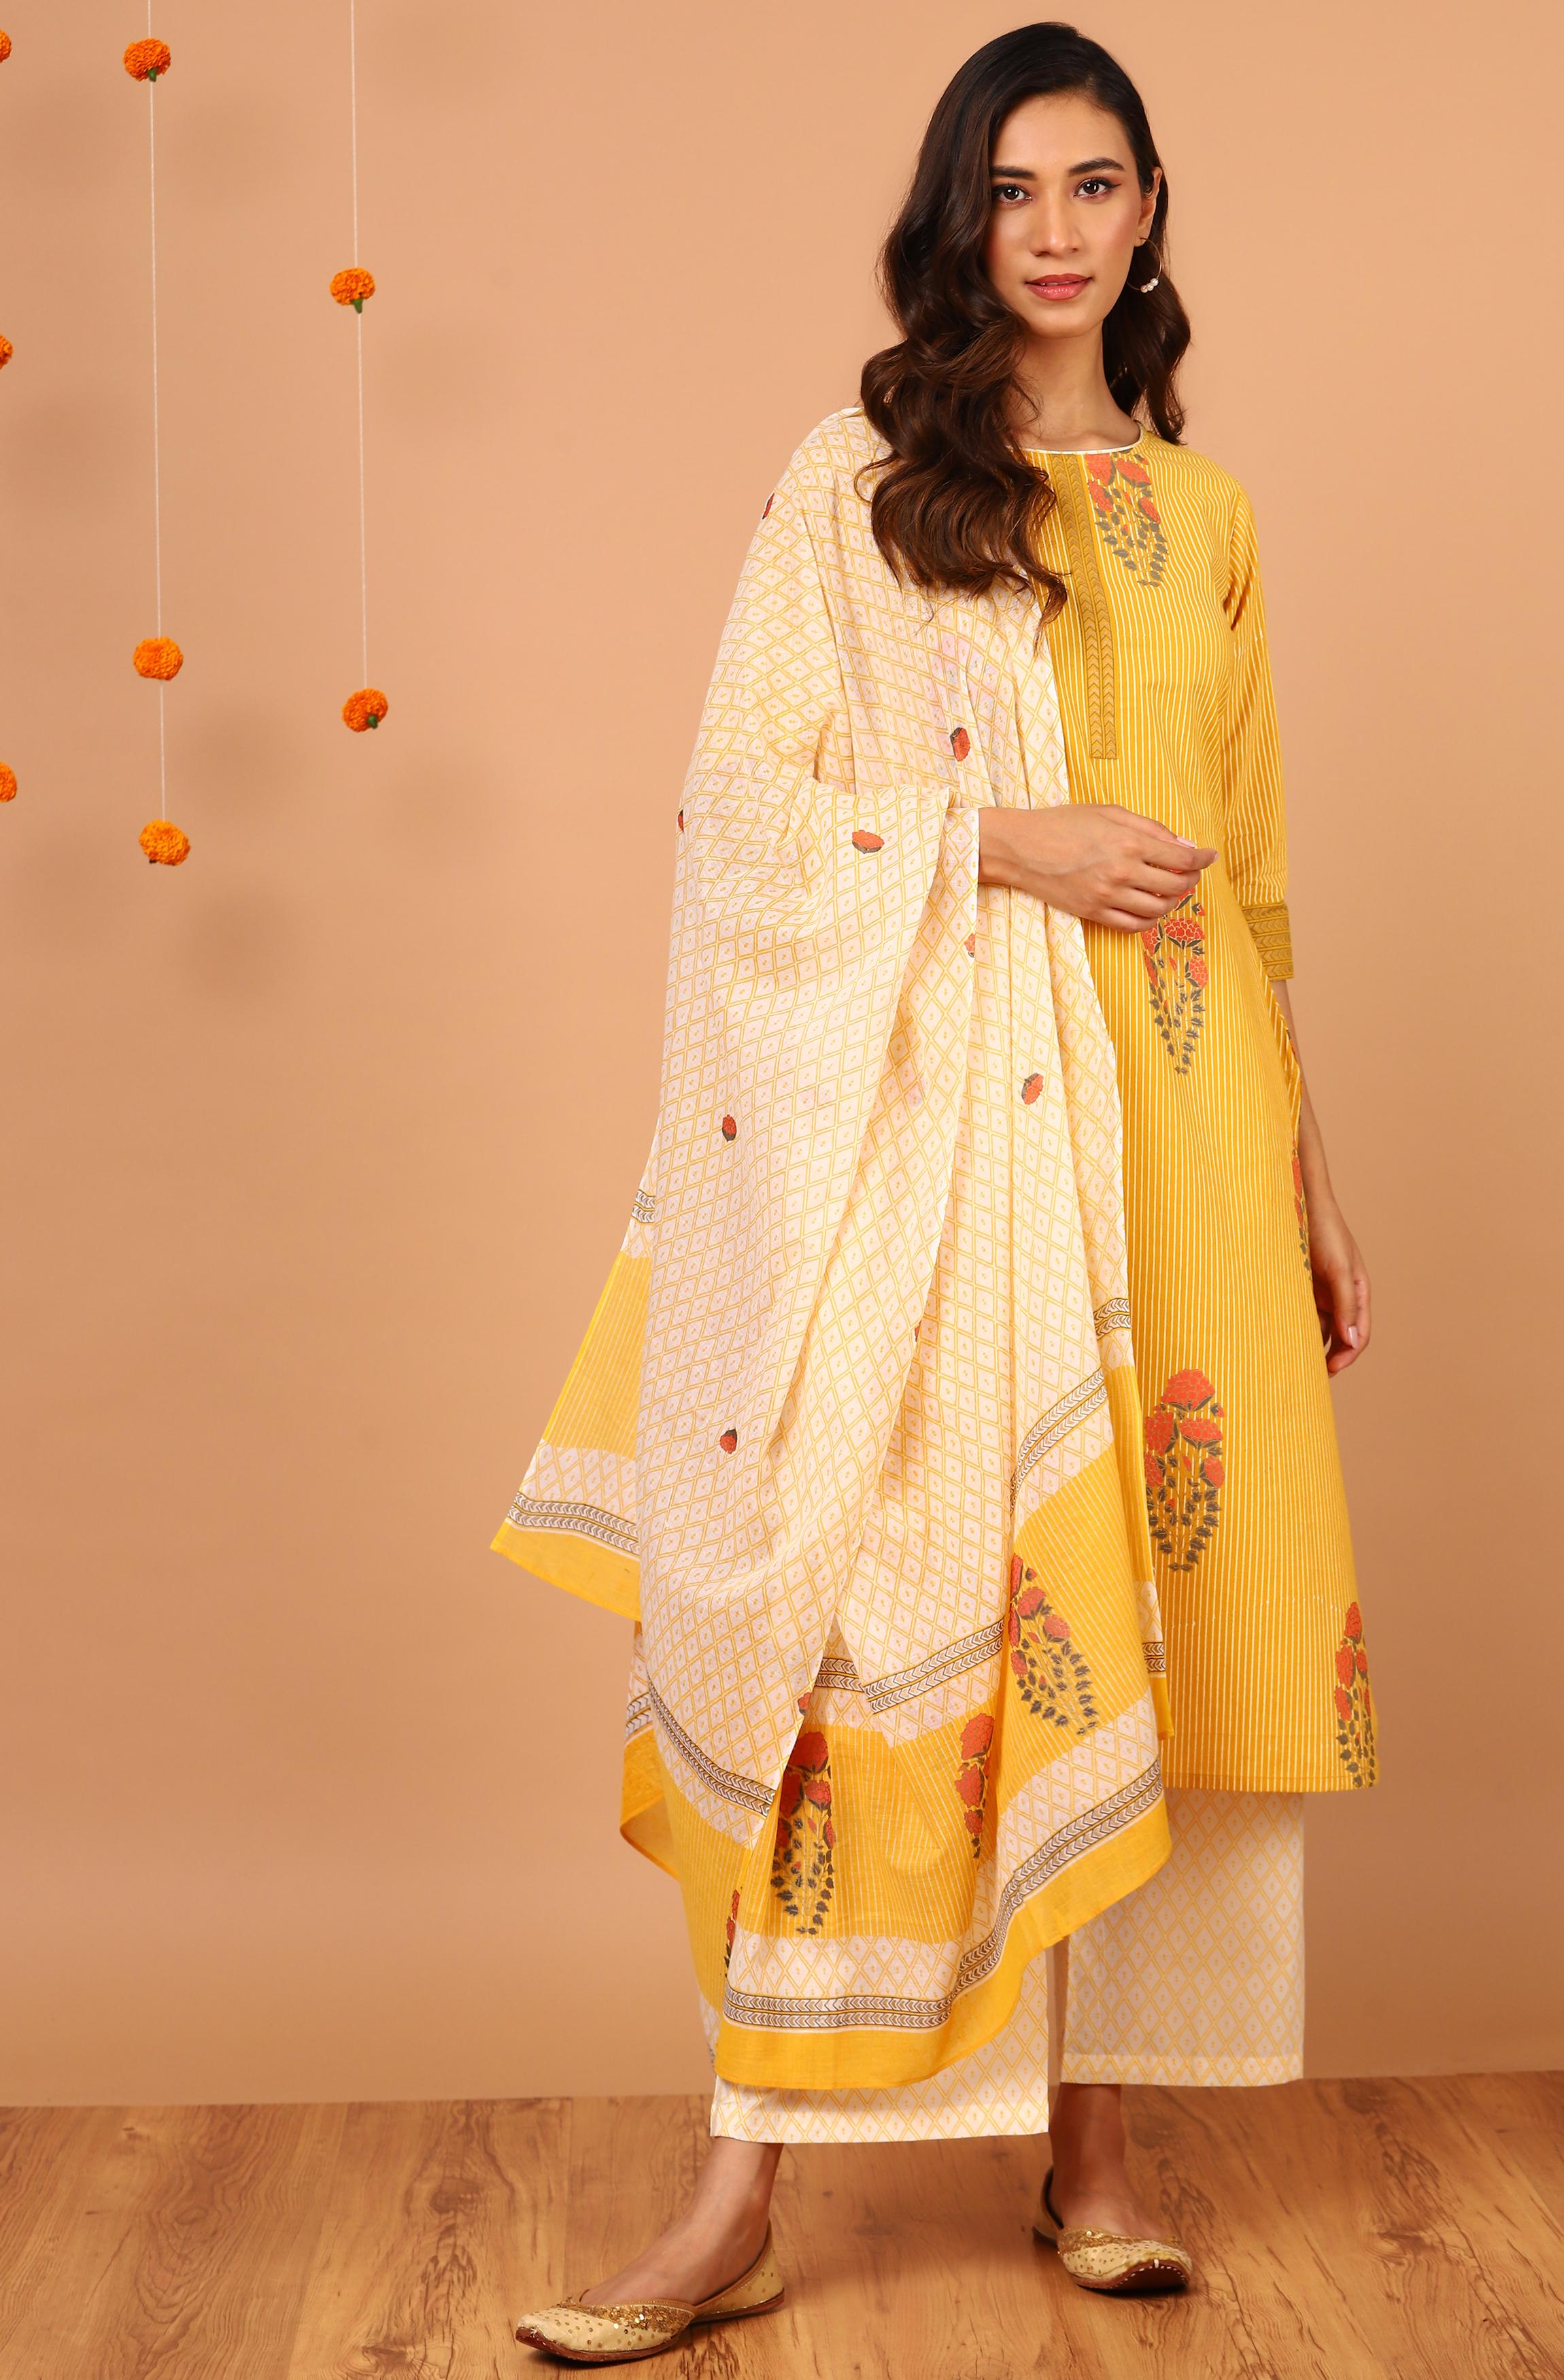 Janasya | Janasya Women's Yellow Cotton Kurta With Palazzo And Dupatta